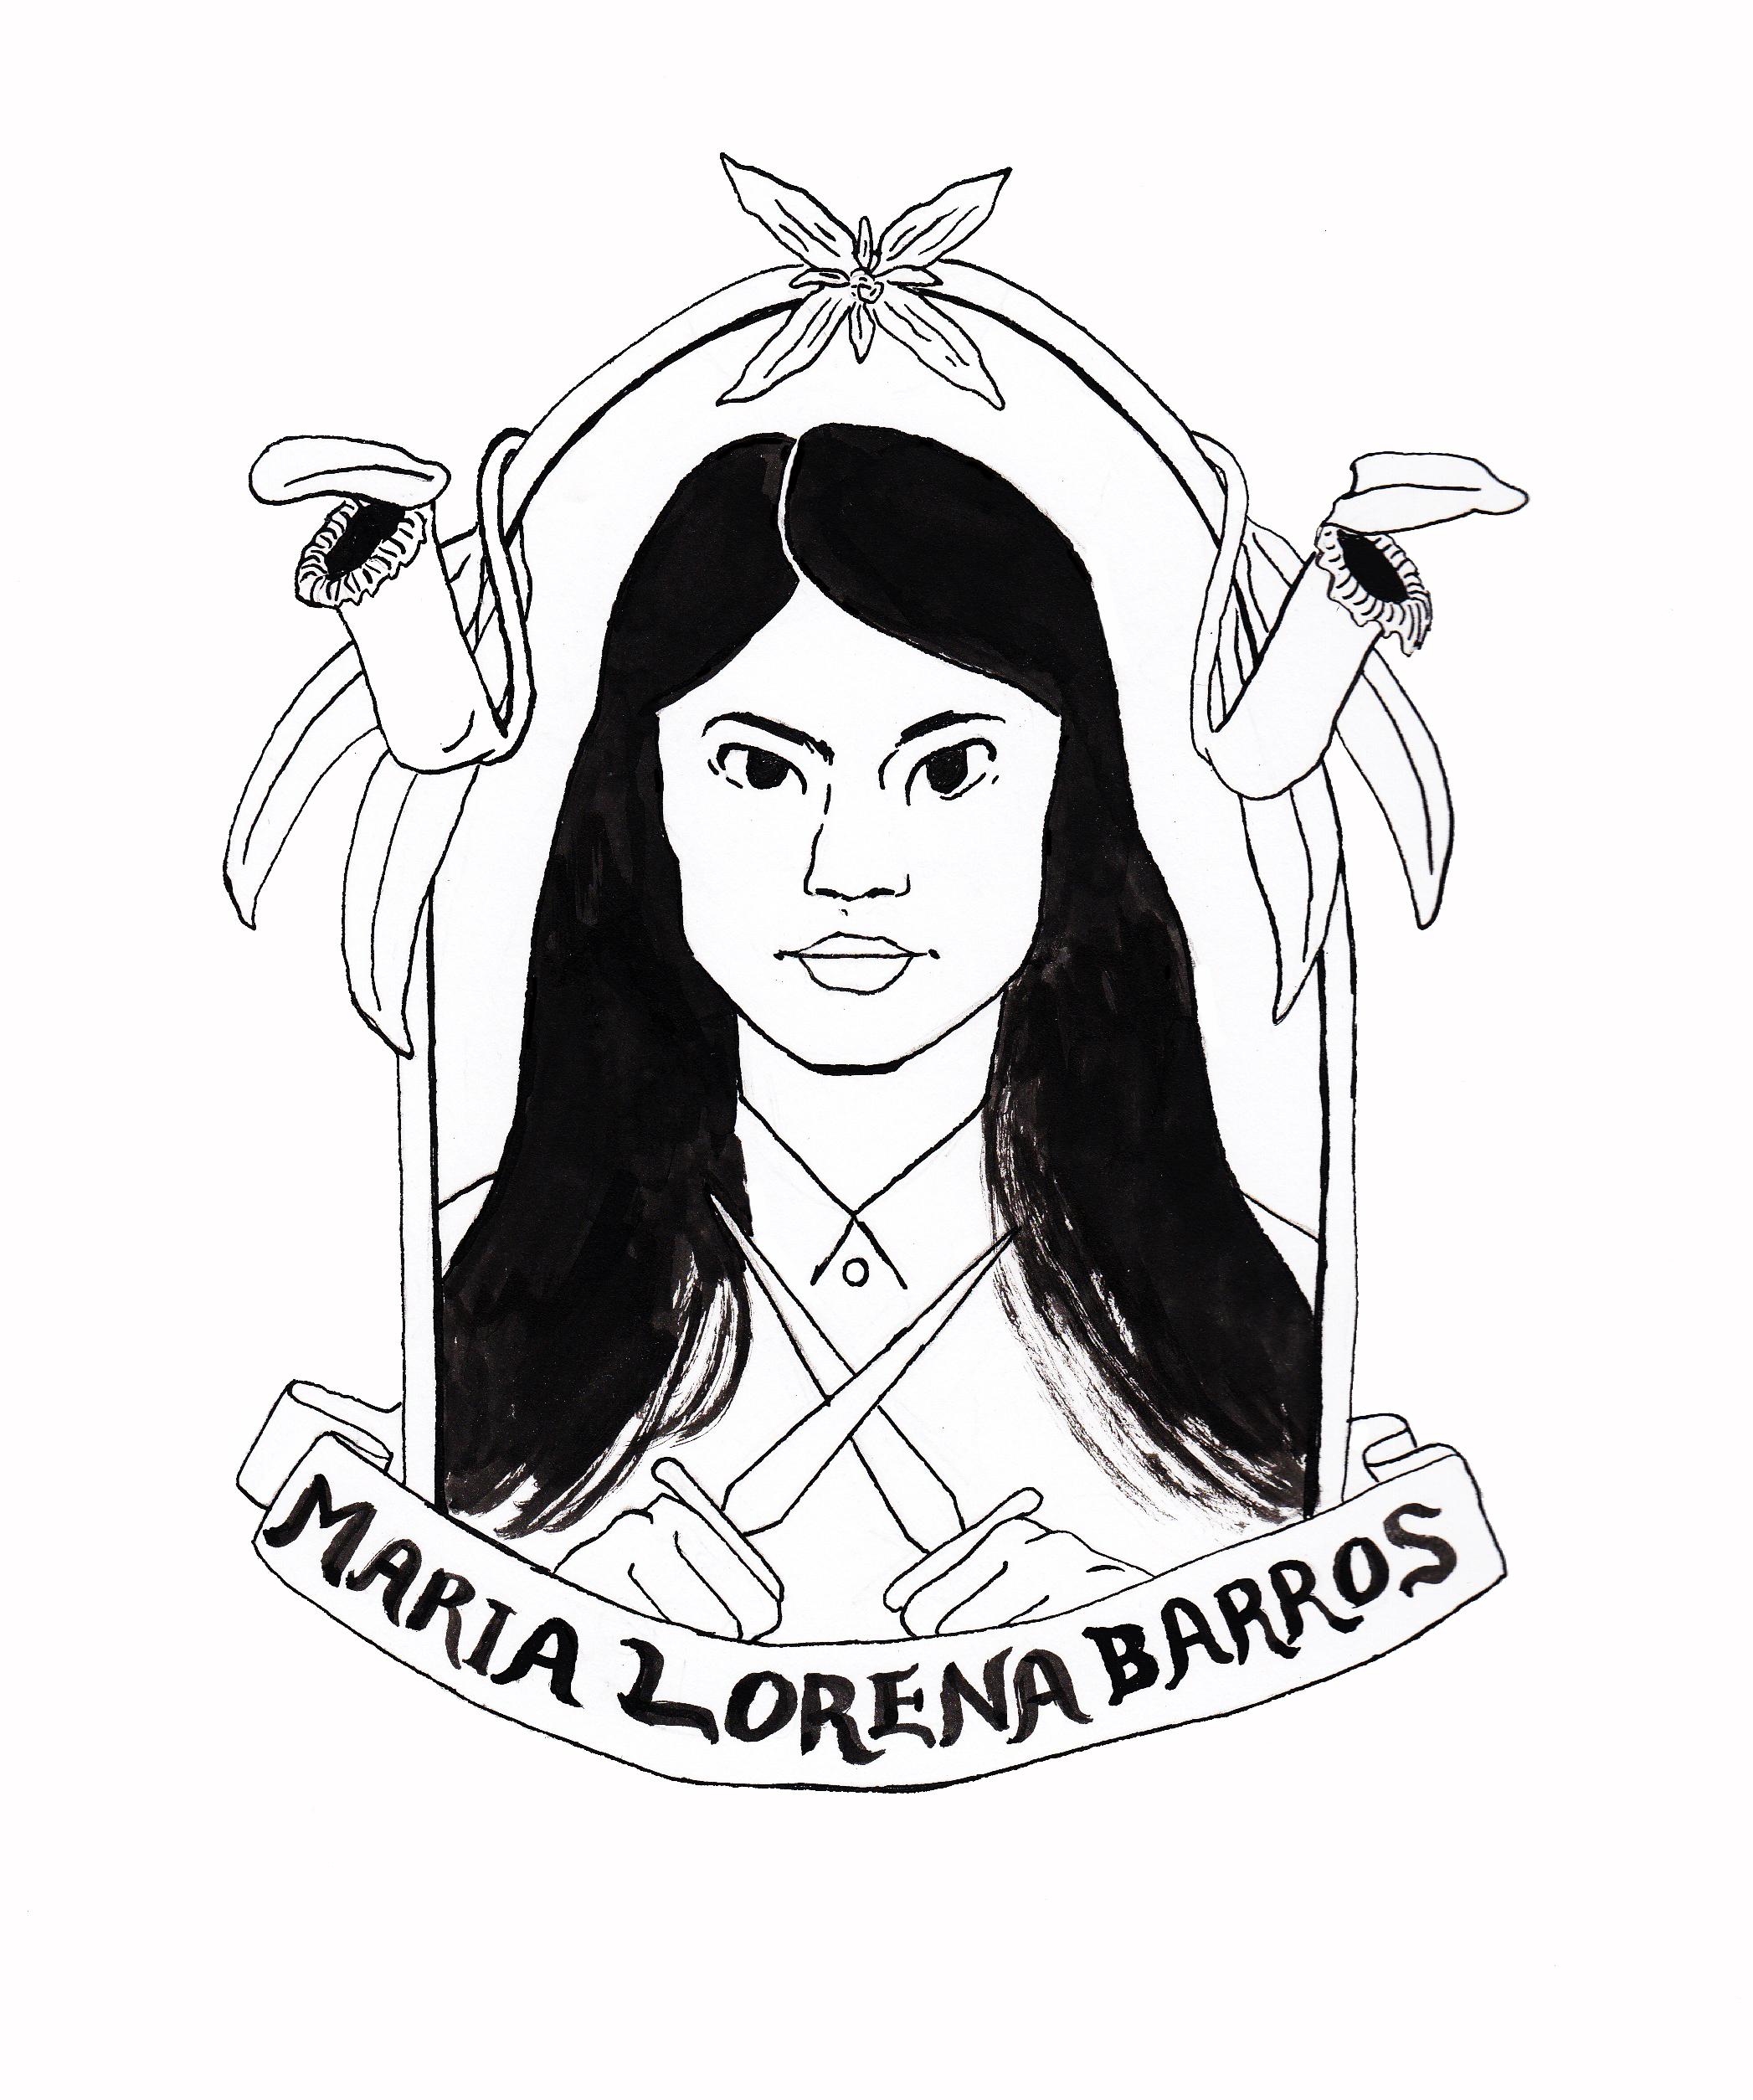 Maria Lorena Barros